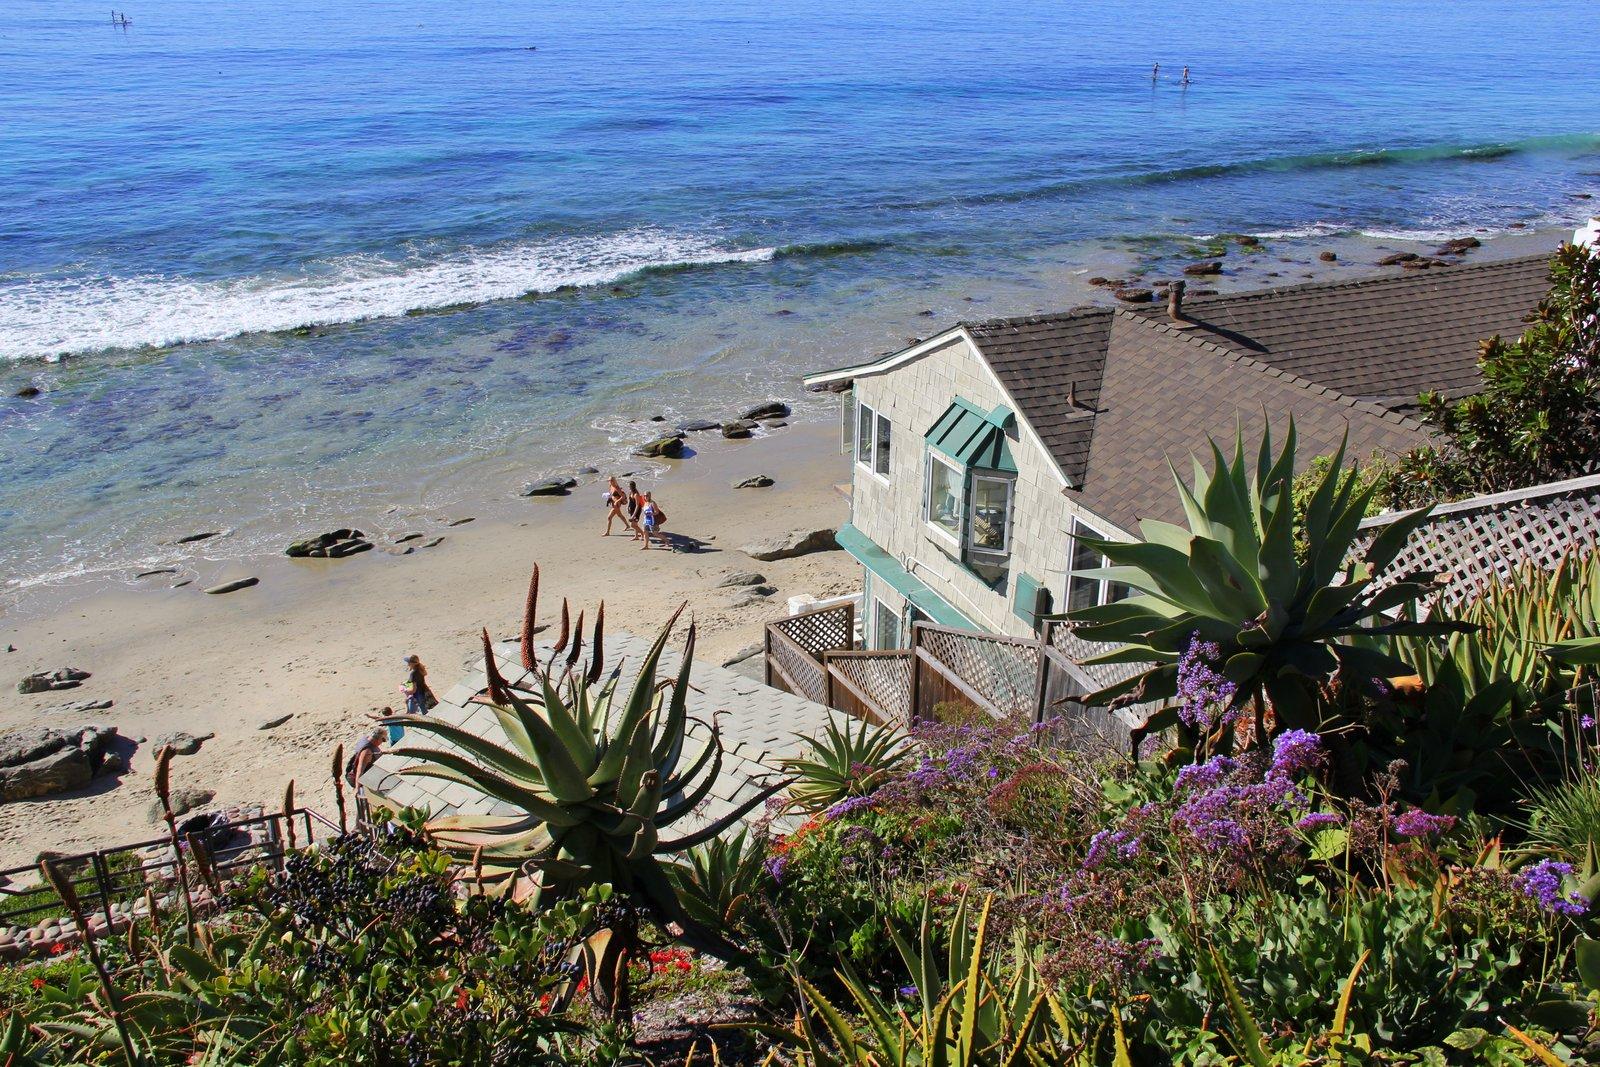 Long_Beach_California_photo_2713